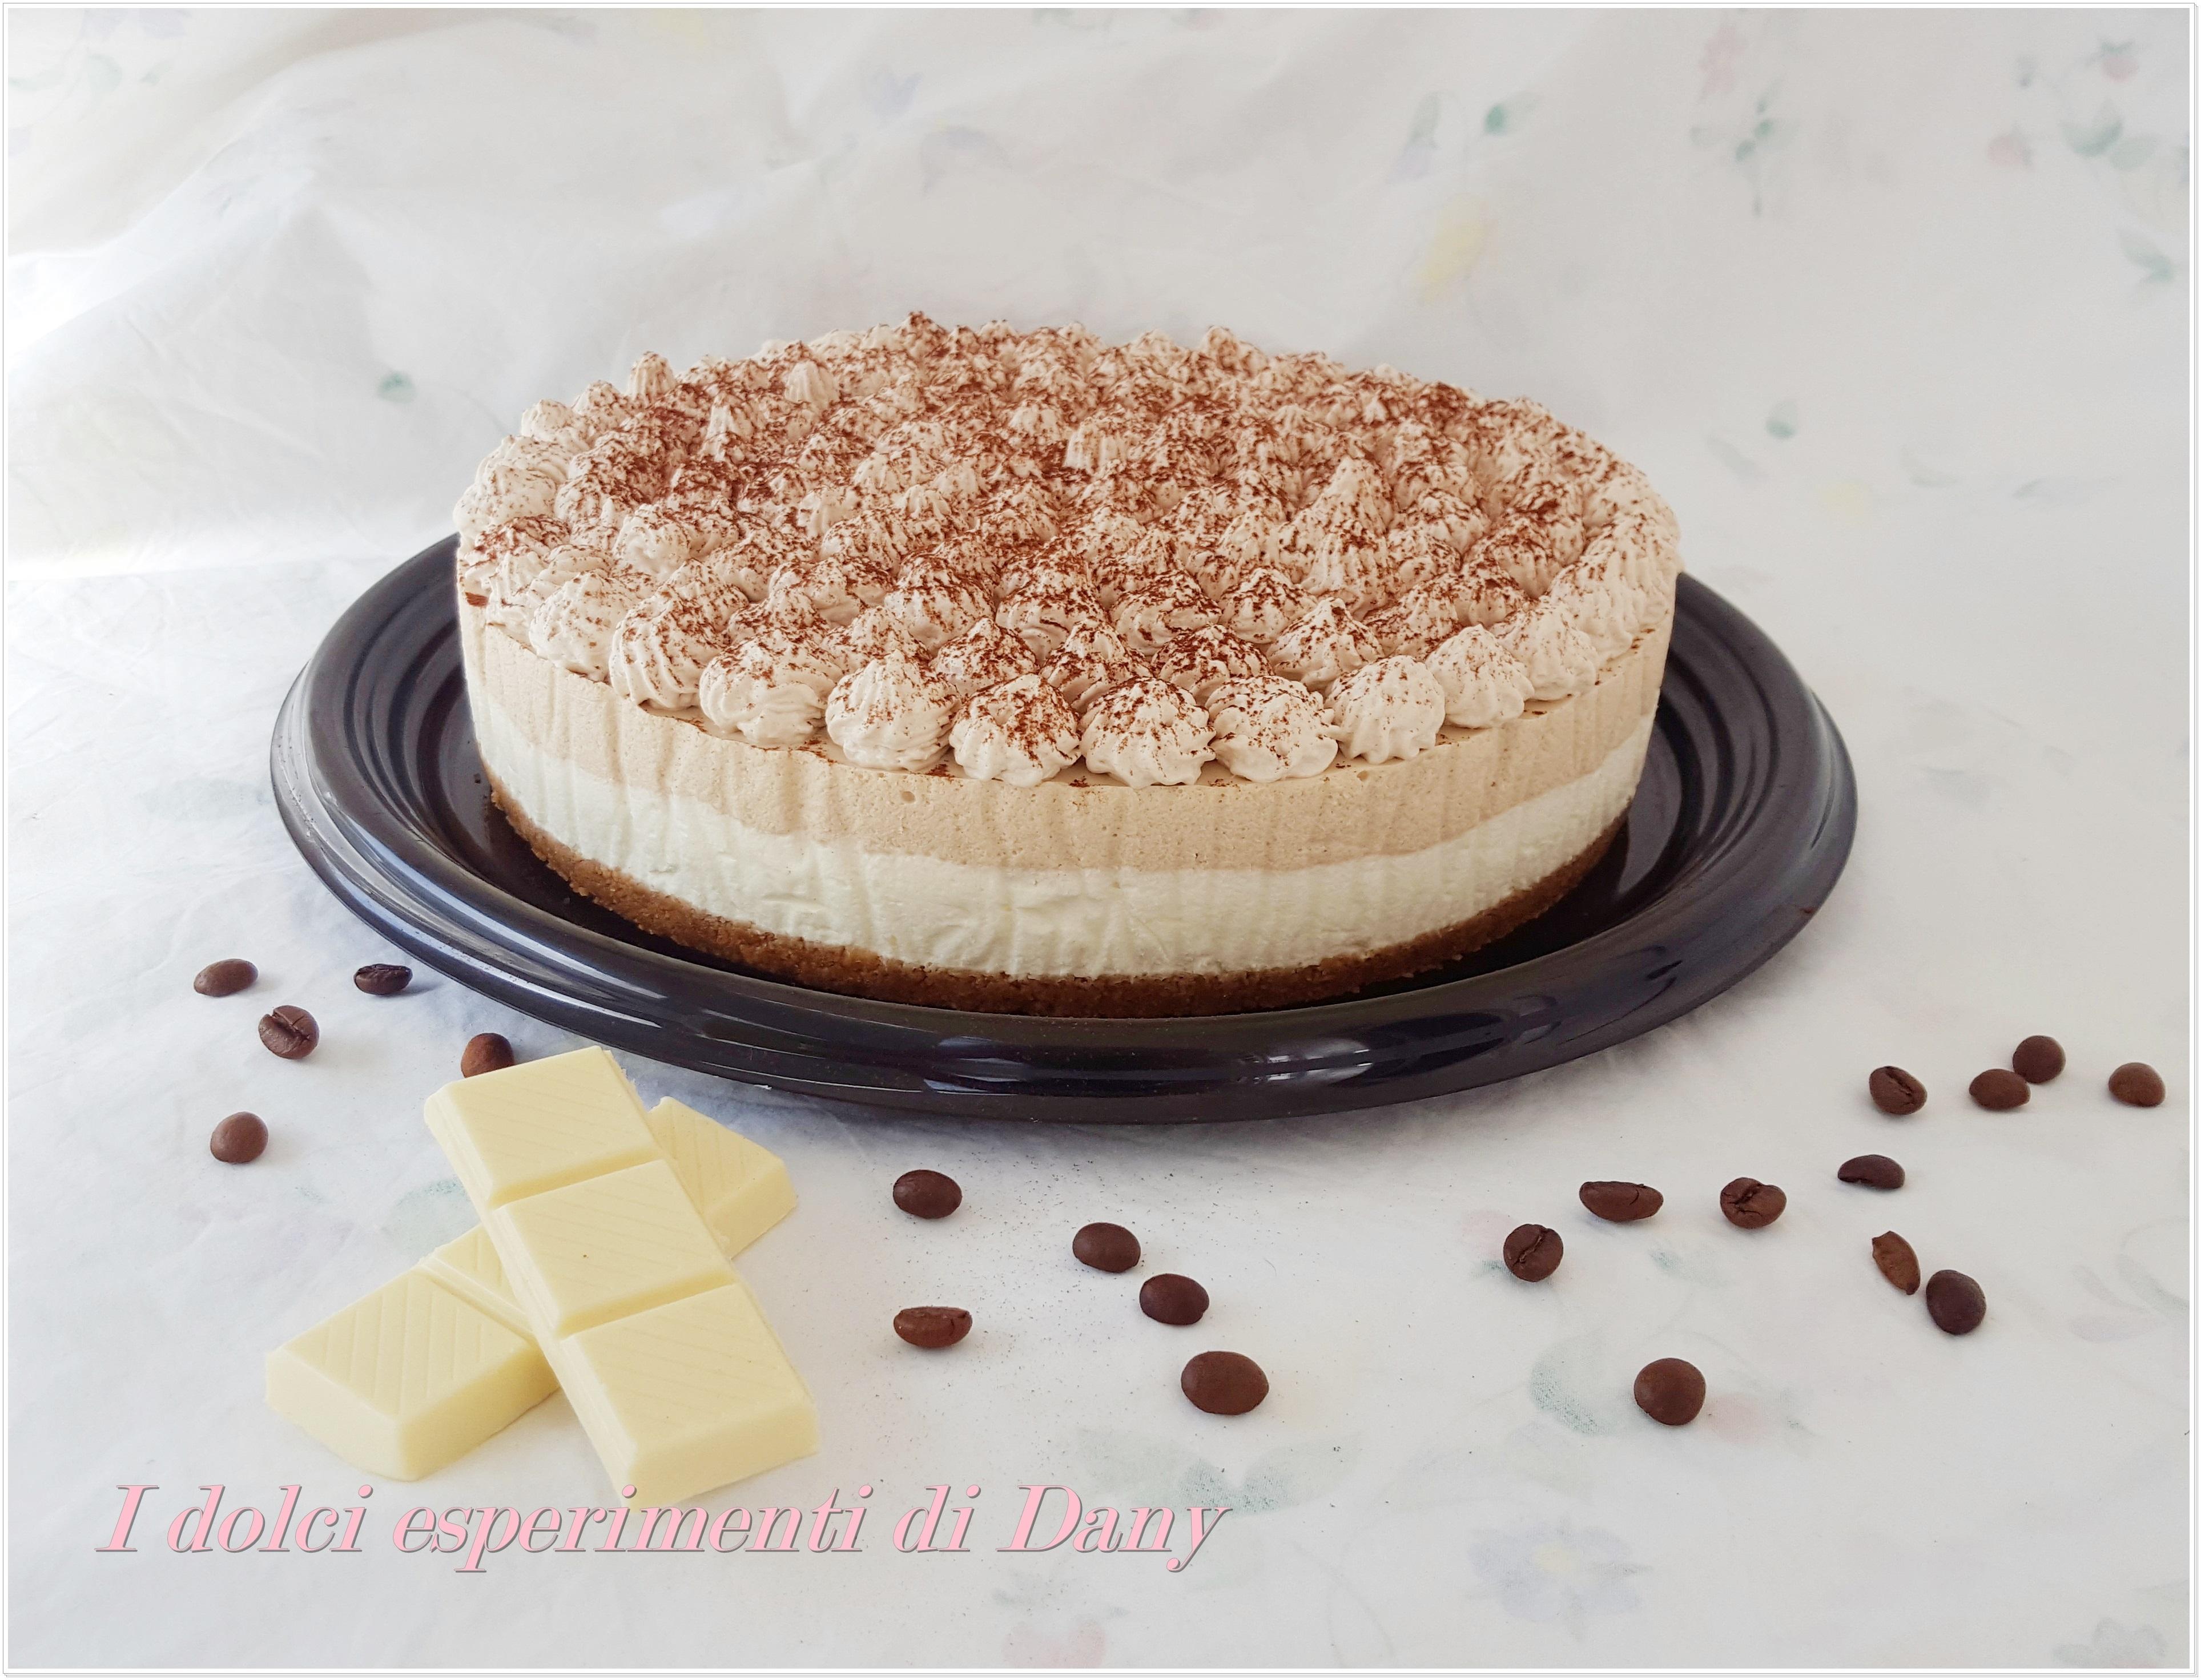 Cheesecake fredda al cioccolato bianco e caffè